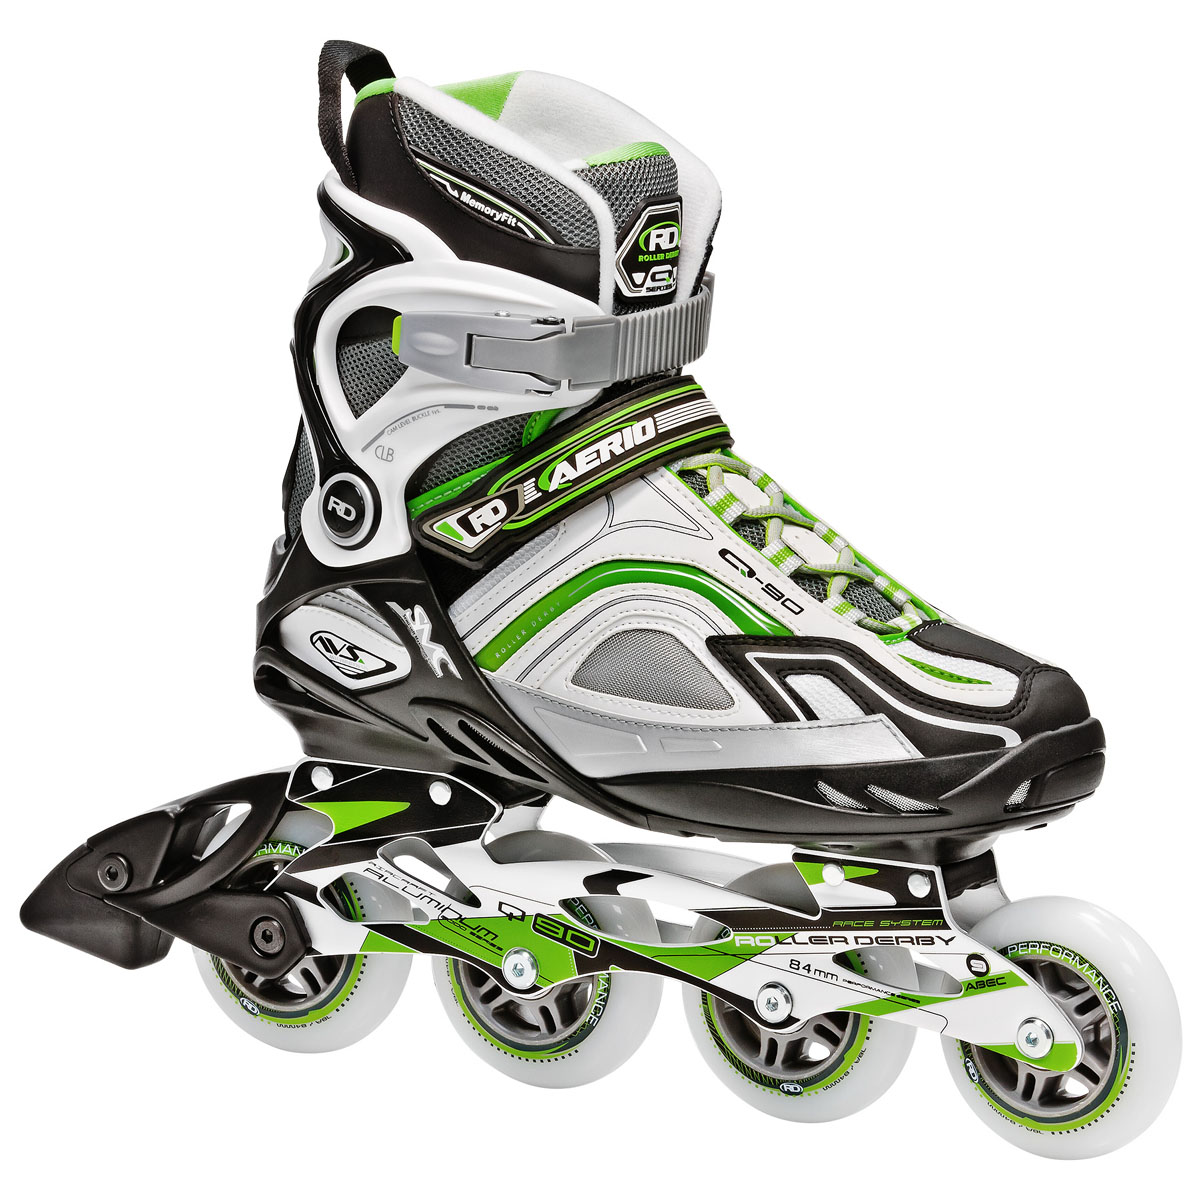 Roller Derby AERIO Q-90 Women's Inline Skates I360 by Roller Derby